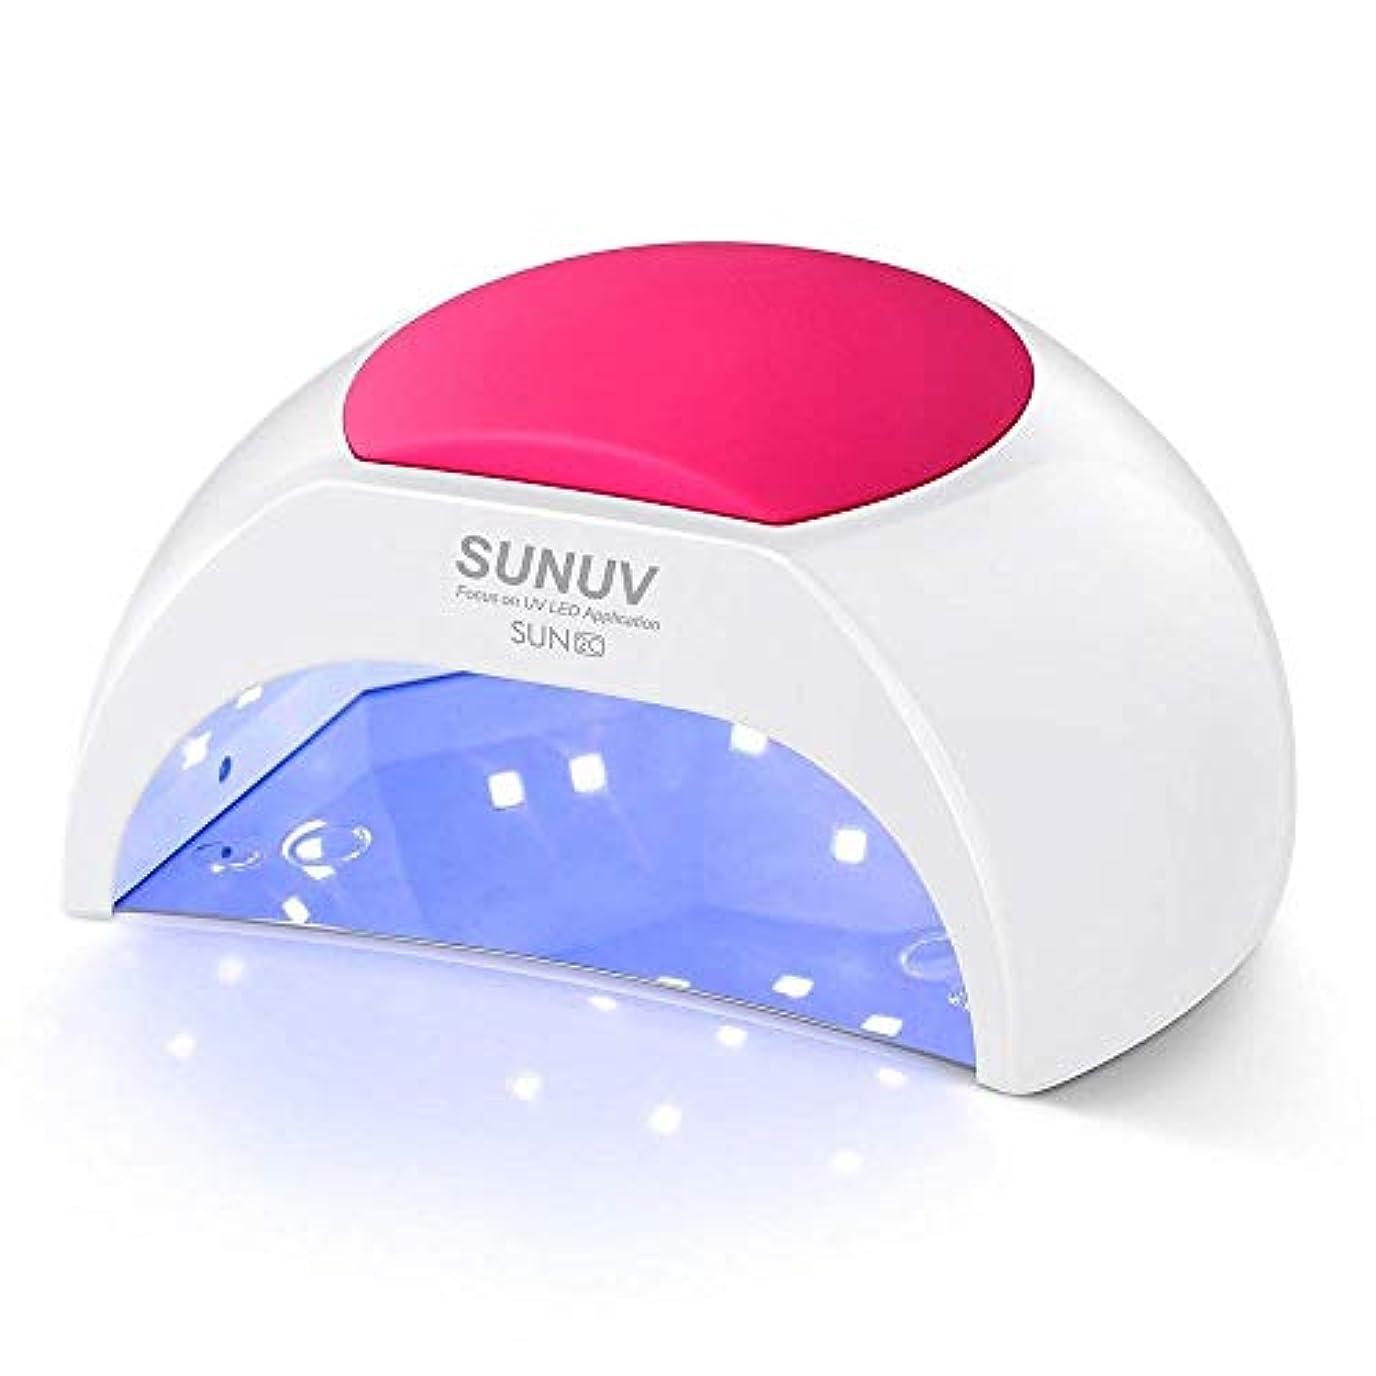 女性潮リマ48W UVネイルドライヤー、速乾性無痛スマート赤外線誘導ネイルジェルポリッシュ硬化LEDランプ33デュアル光源ビーズ&4タイミング設定